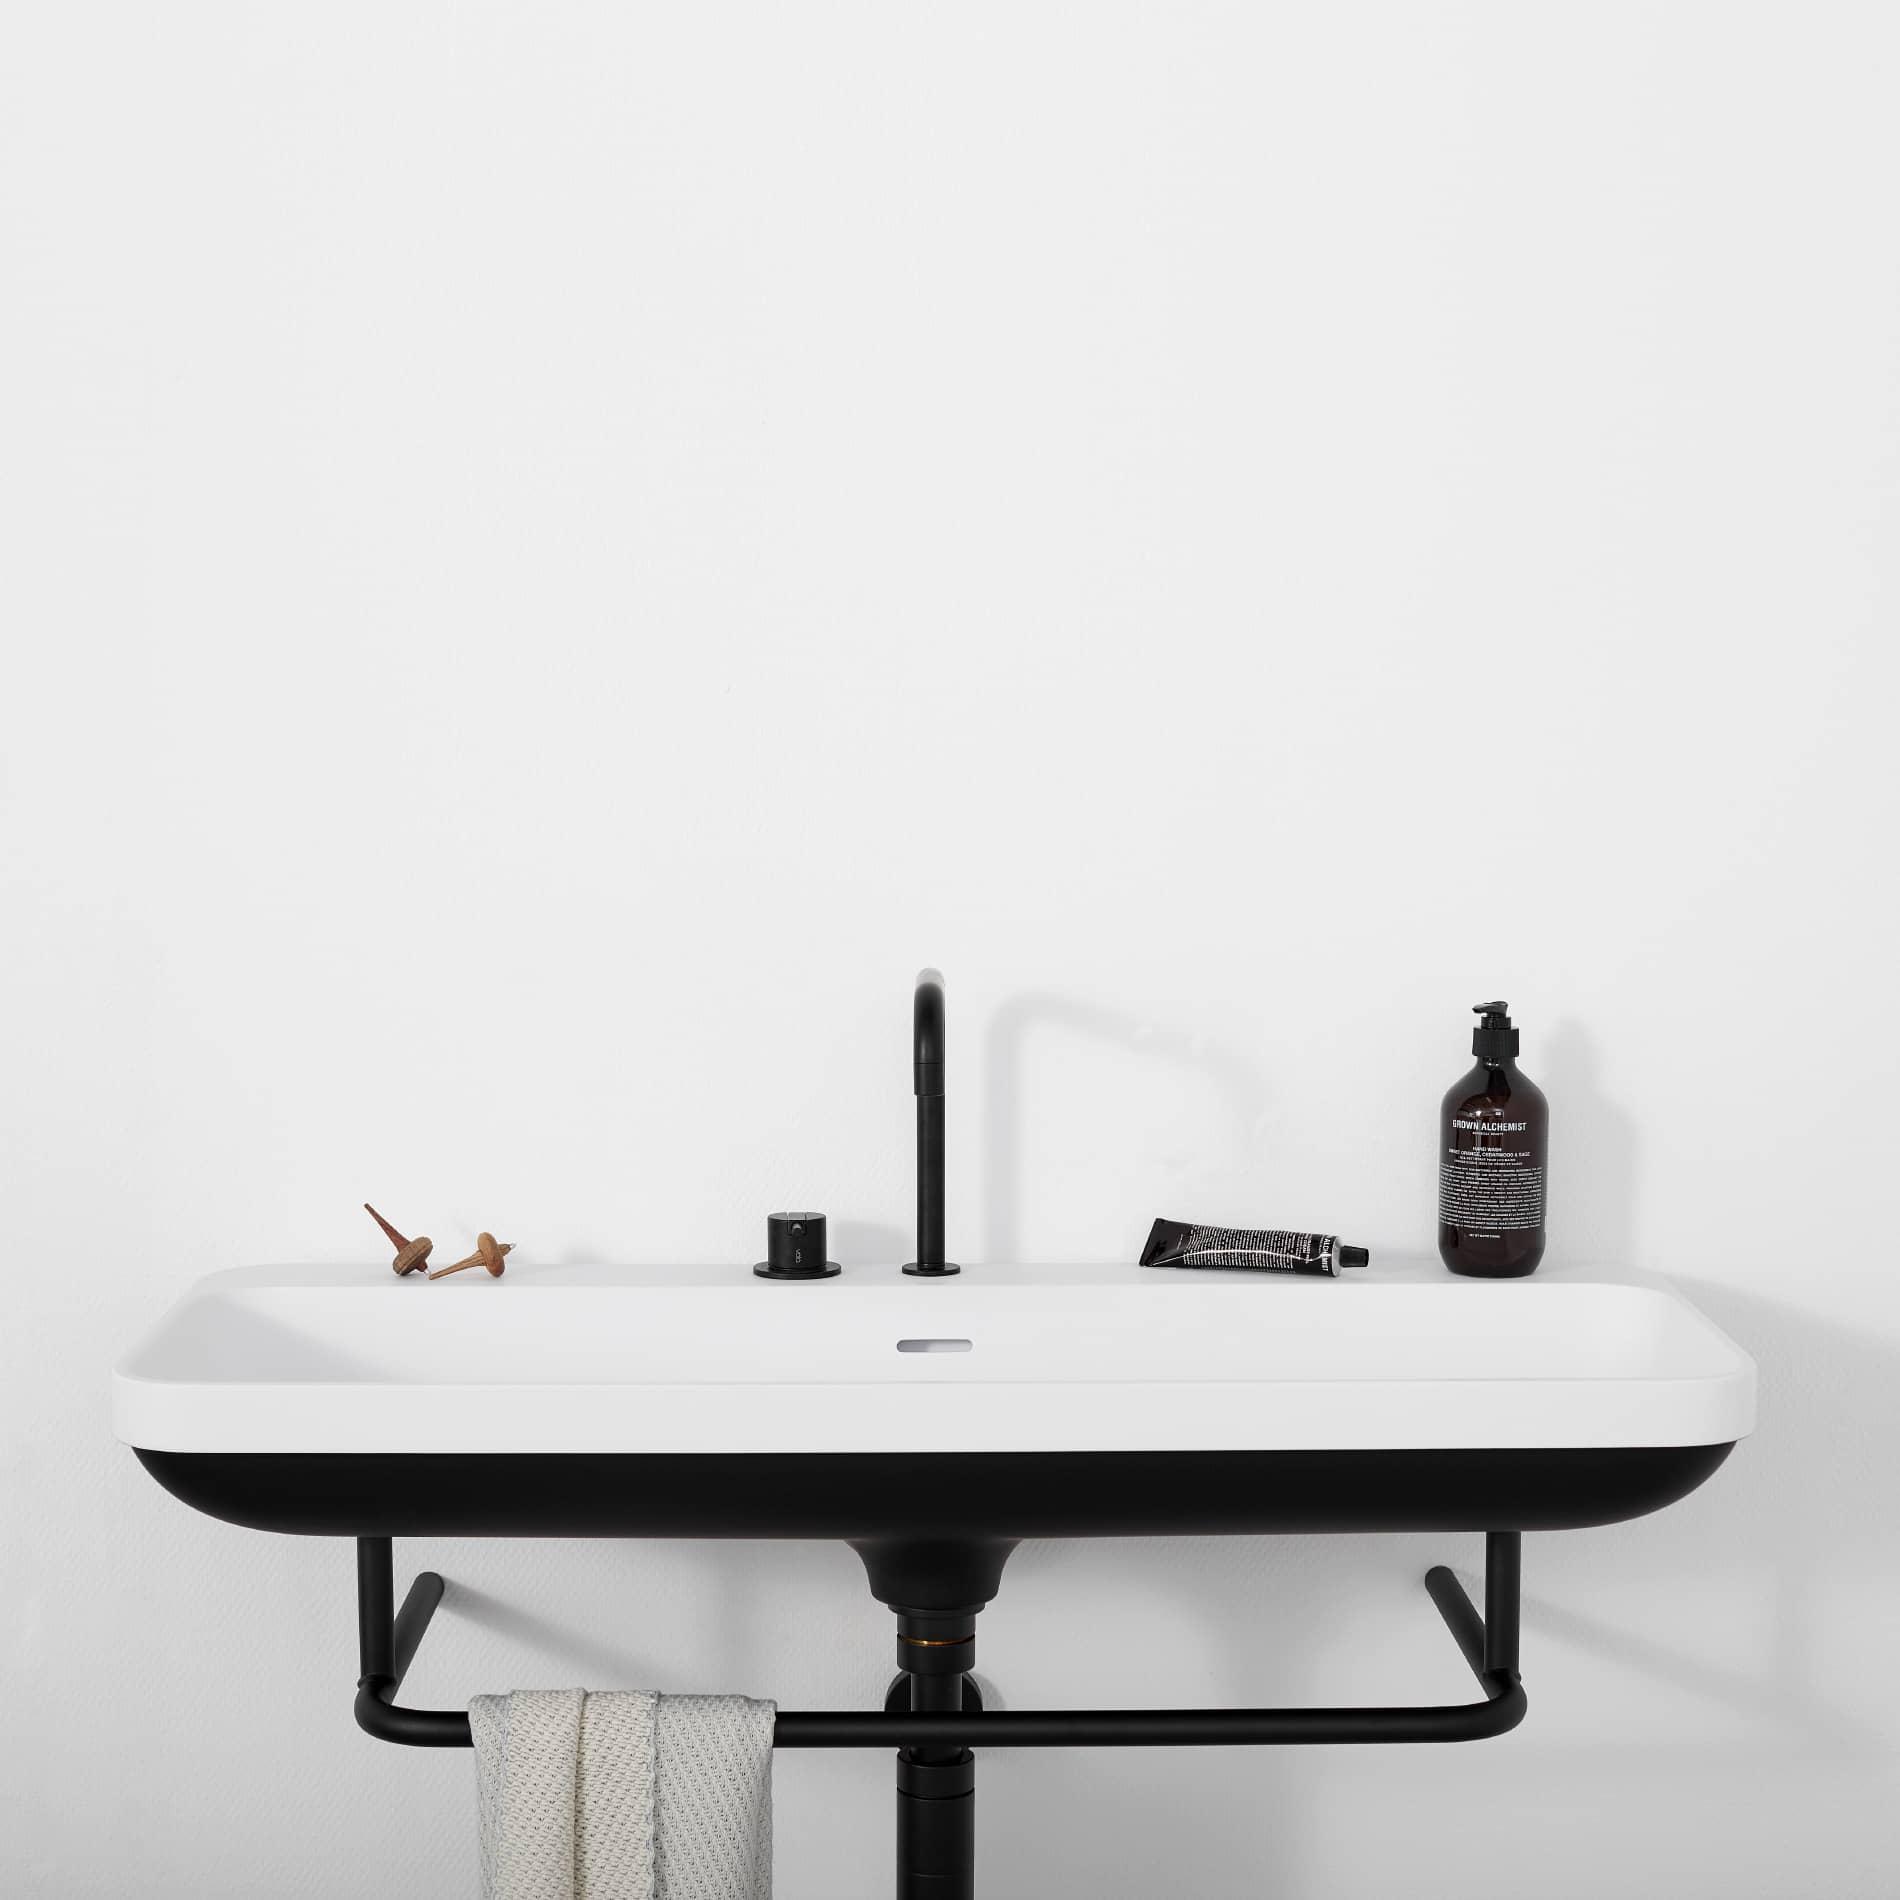 Cristalplant-products-NotOnlyWhite-washbasins-2